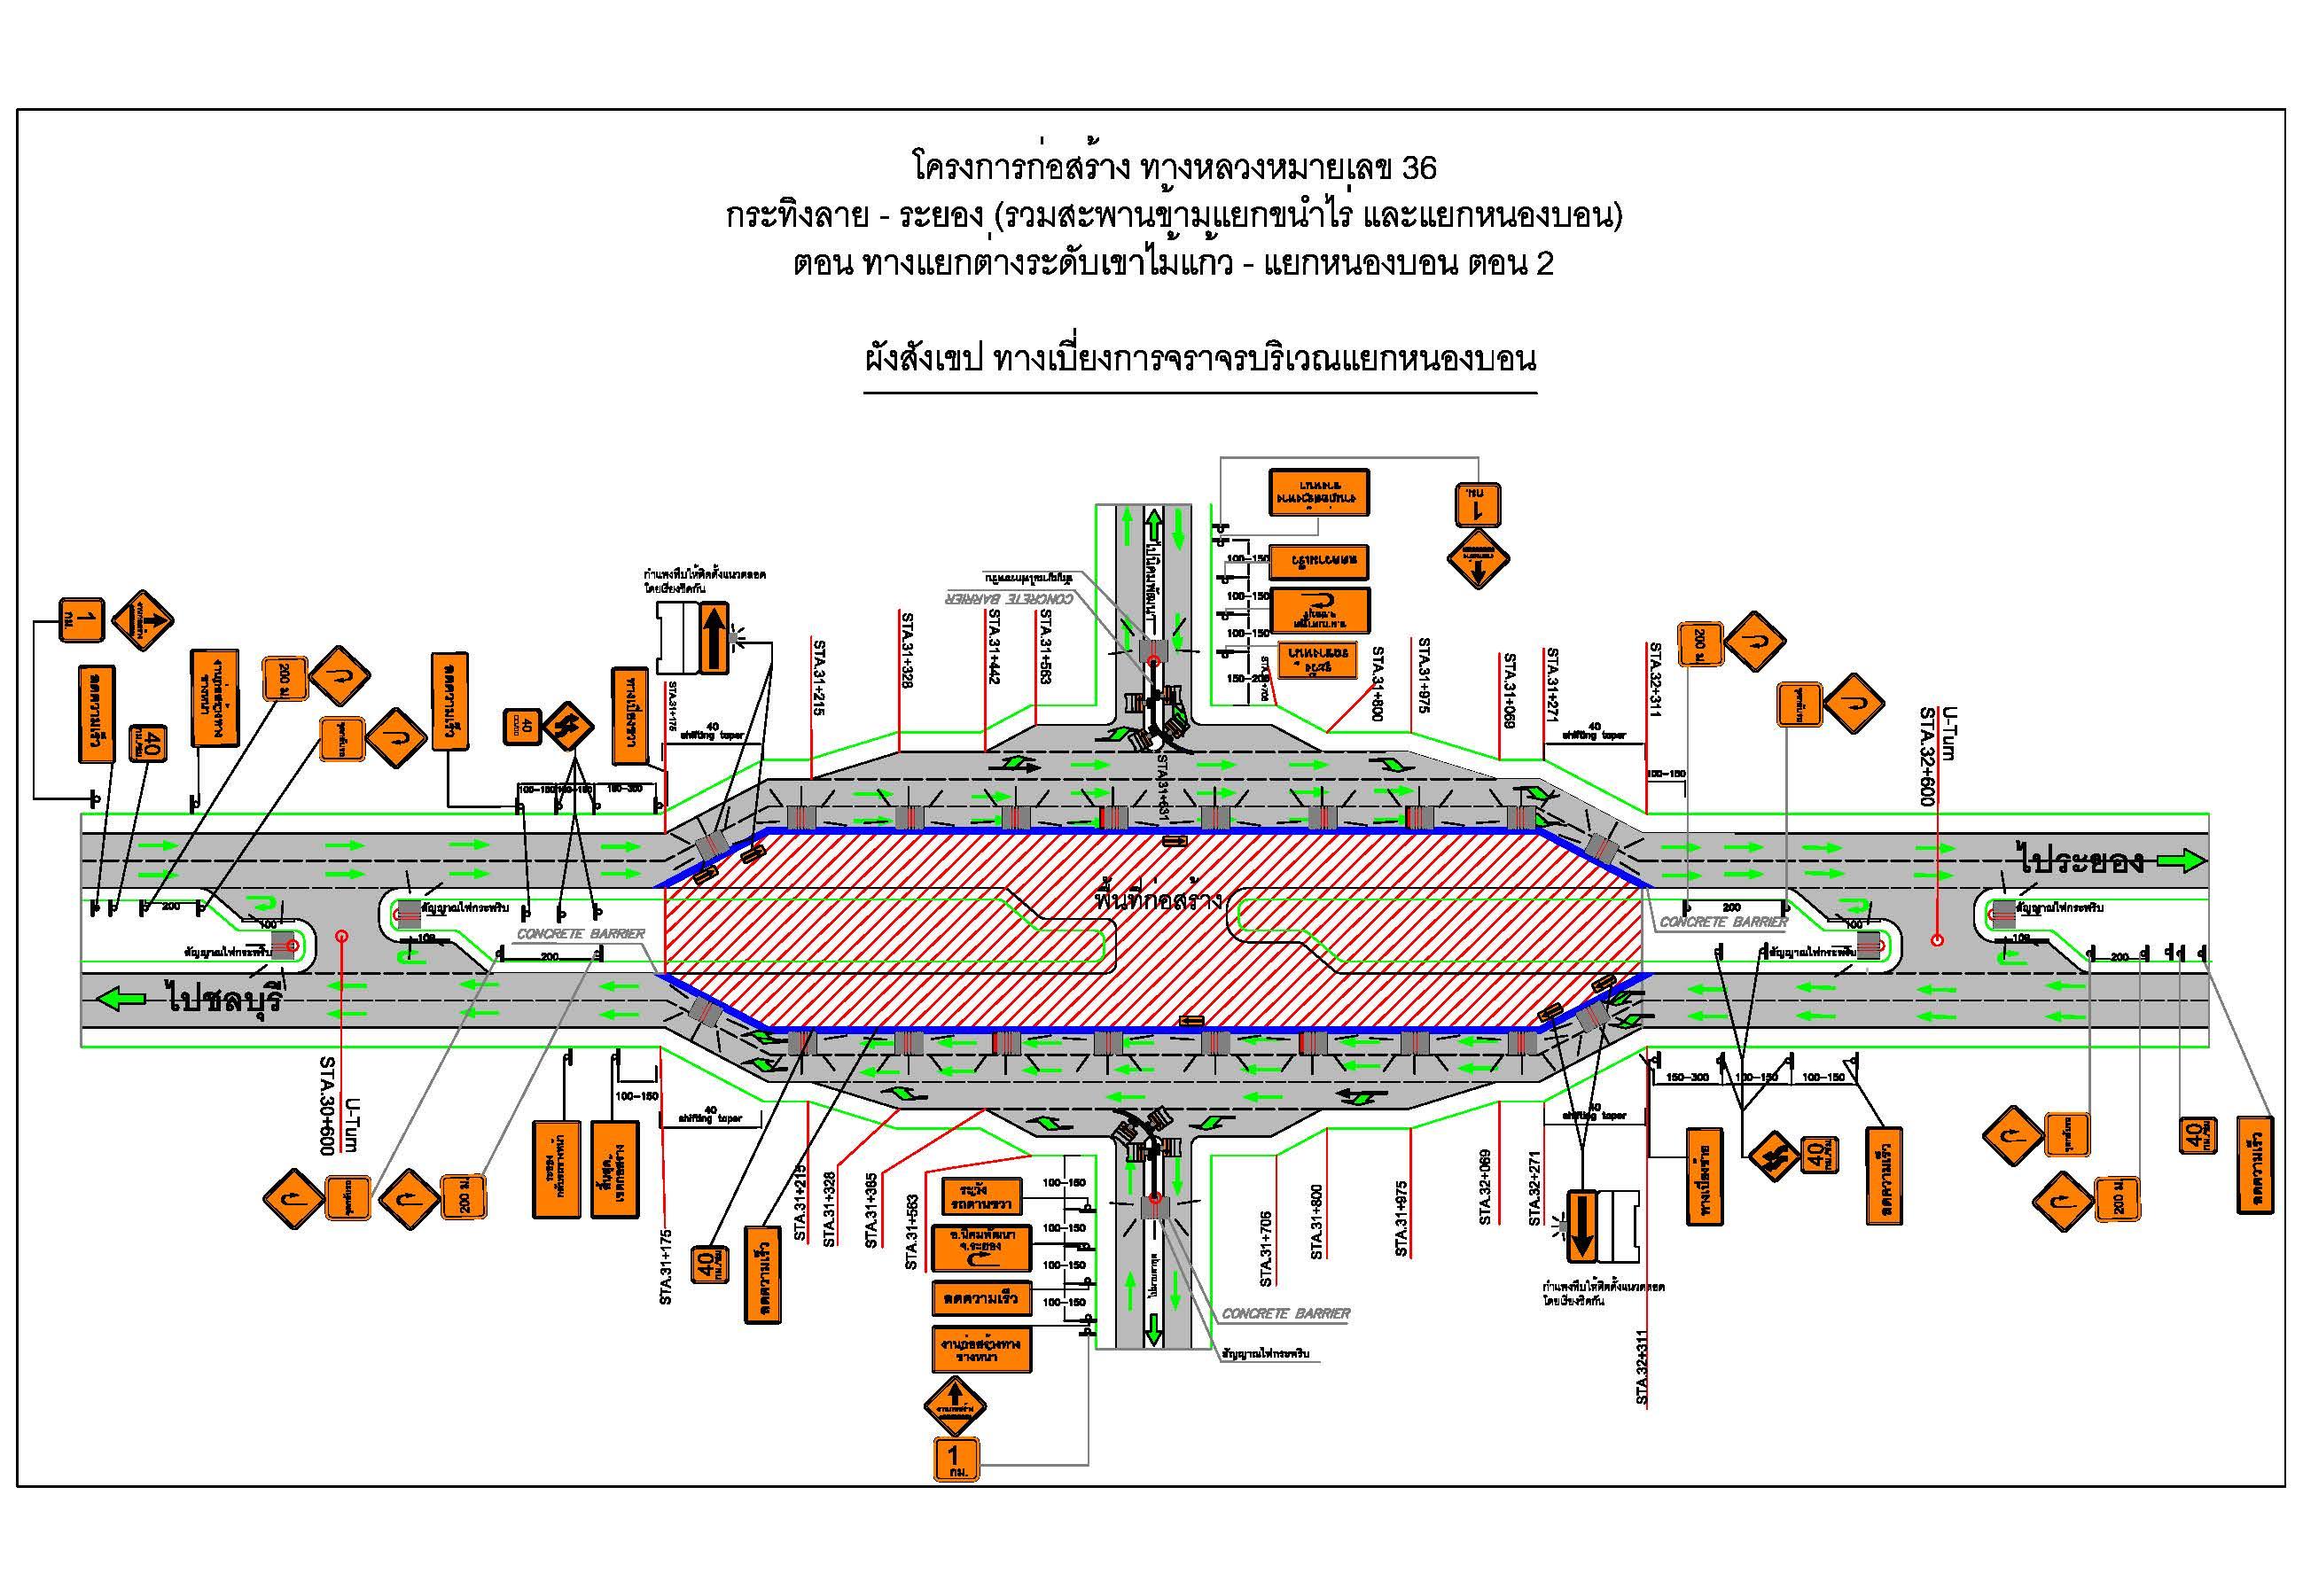 โครงการก่อสร้างทางหลวงหมายเลข 36 สาย กระทิงลาย - ระยอง (รวมสะพานข้ามแยกขนำไร่และแยกหนองบอน) ตอน ทางแยกต่างระดับเขาไม้แก้ว - แยกหนองบอน ตอน 2 โดยมี ห้างหุ้นส่วนจำกัด ไทพิพัฒน์ เป็นผู้รับจ้าง #ผู้ควบคุมงาน นายทวีศักดิ์ เจียมรัตโนภาส  เบอร์โทรศัพท์ 08 4446 4011